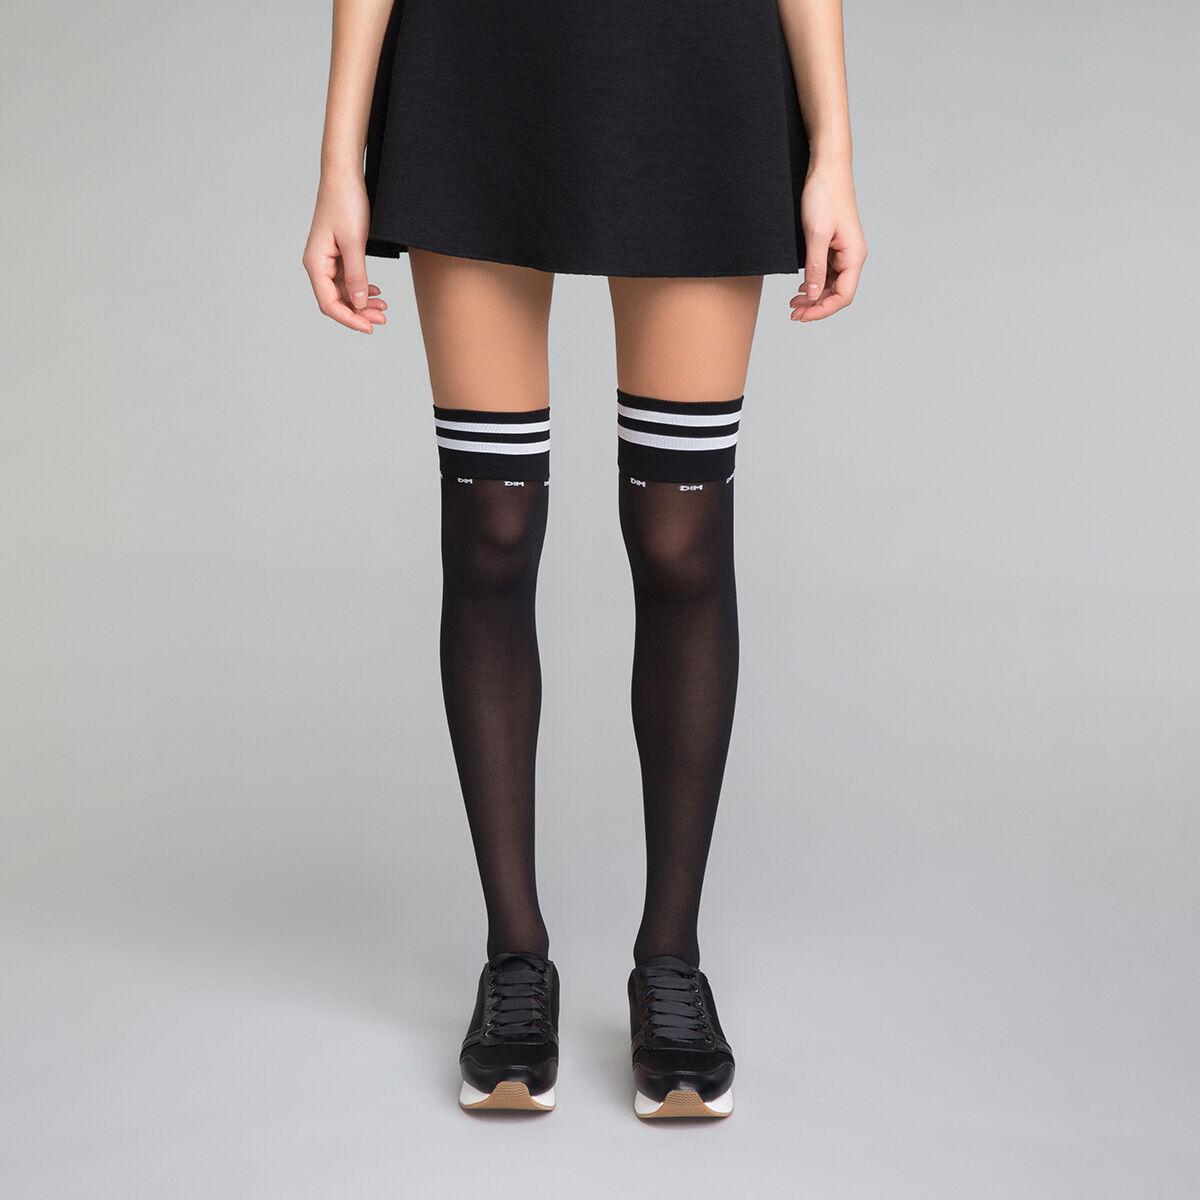 Et Hautes Sporty Look Chaussettes Noires Femme Style Dim Blanches OPXiTkZu